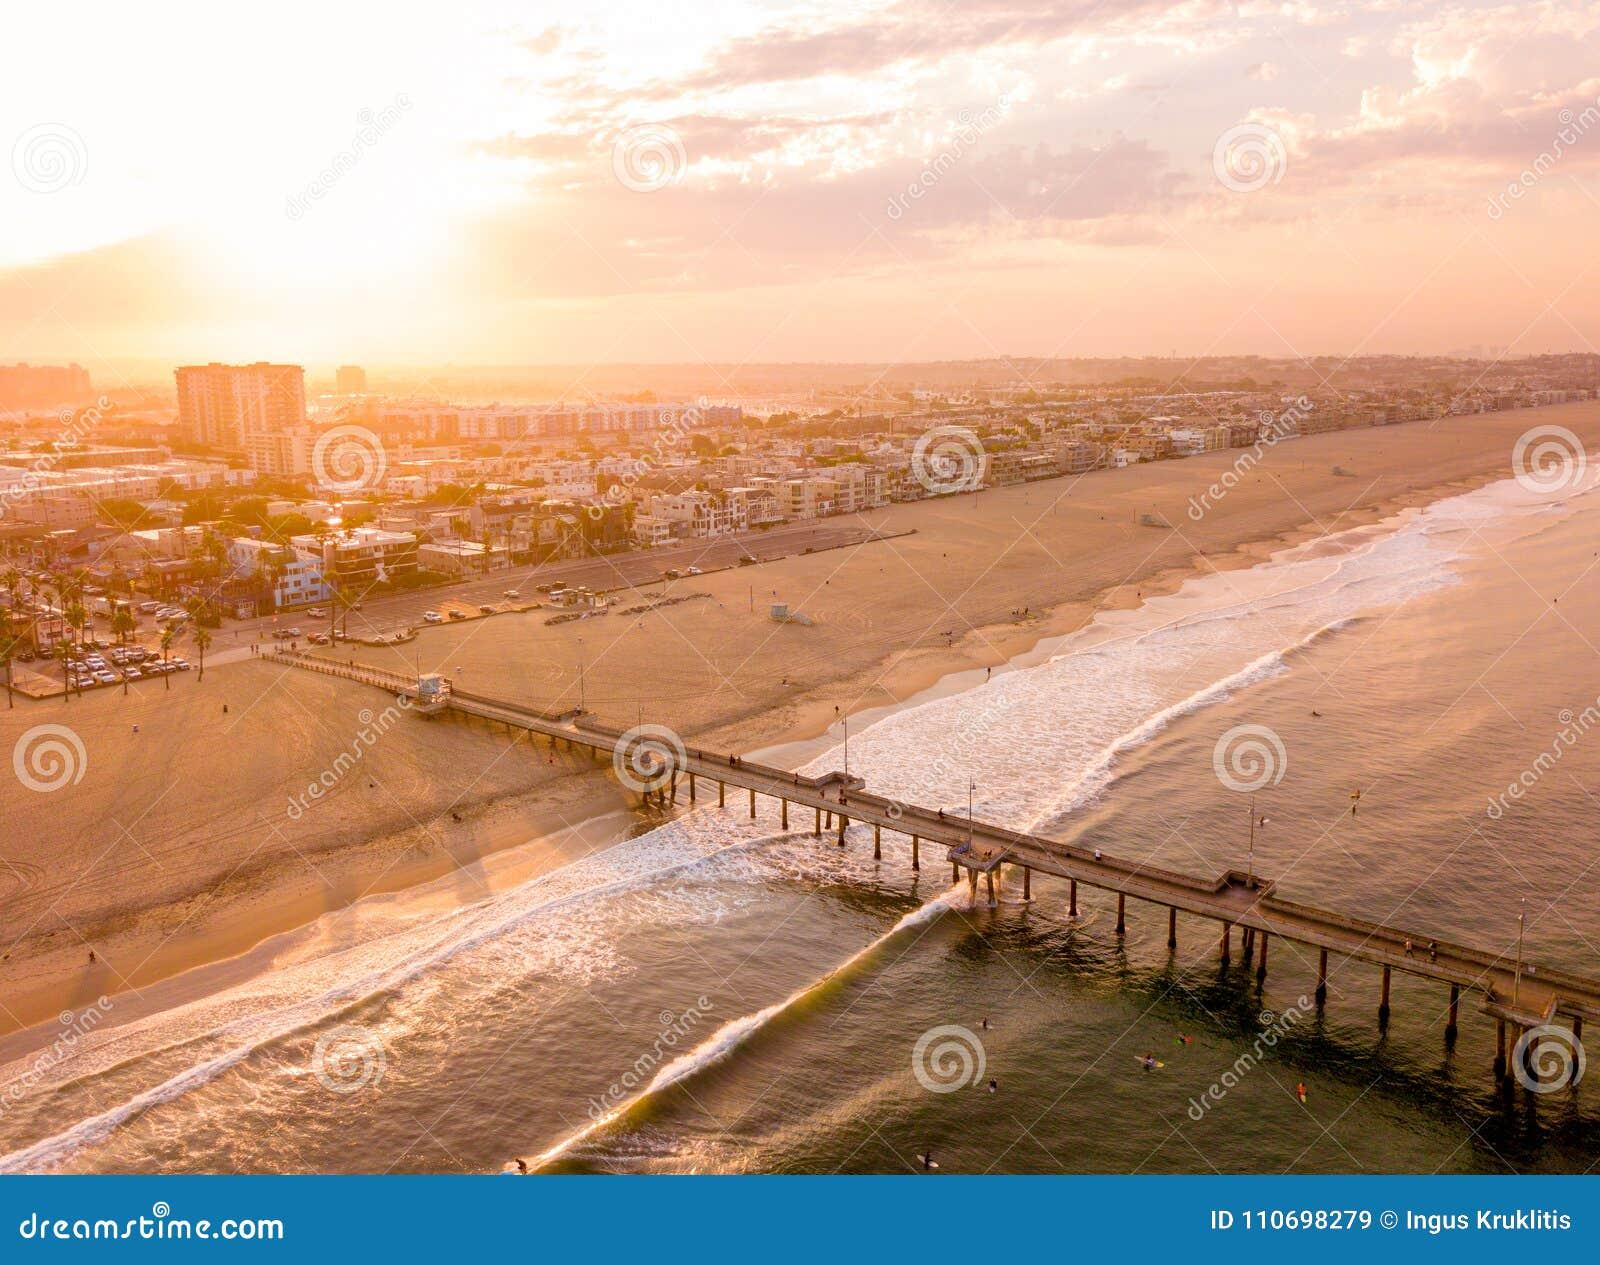 Los Angeles aerial sunrise